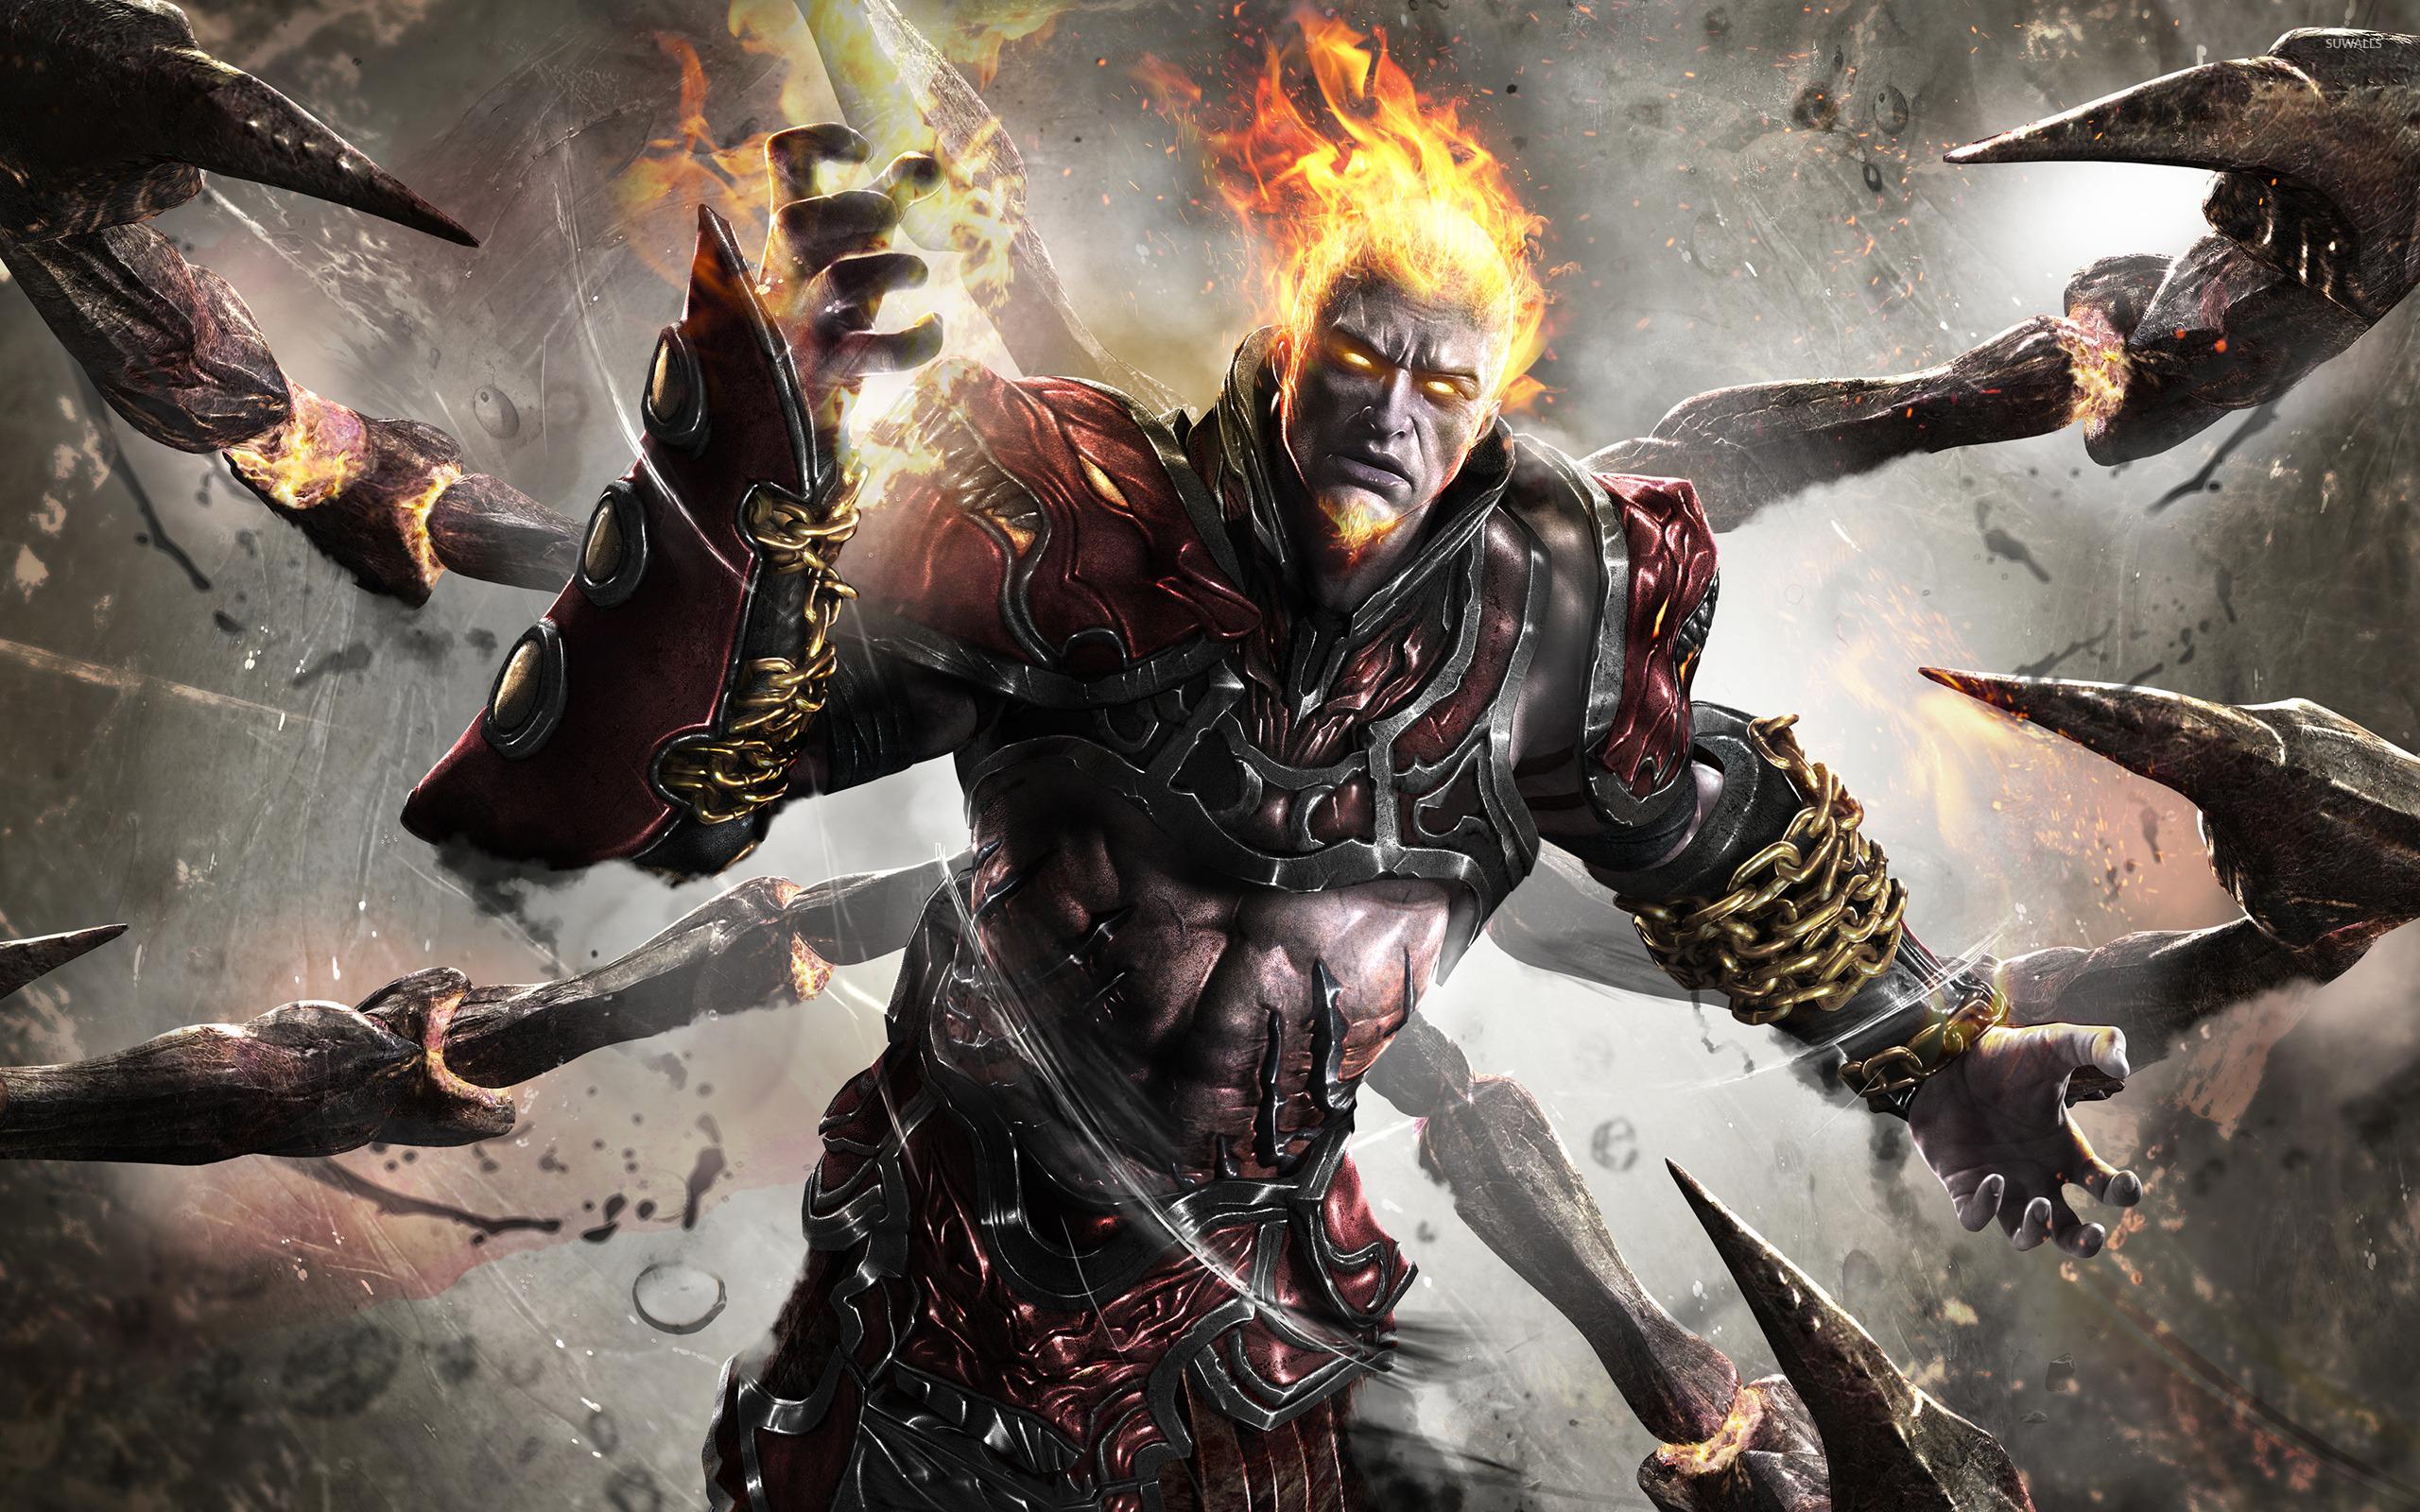 God Of War Ascension Wallpaper